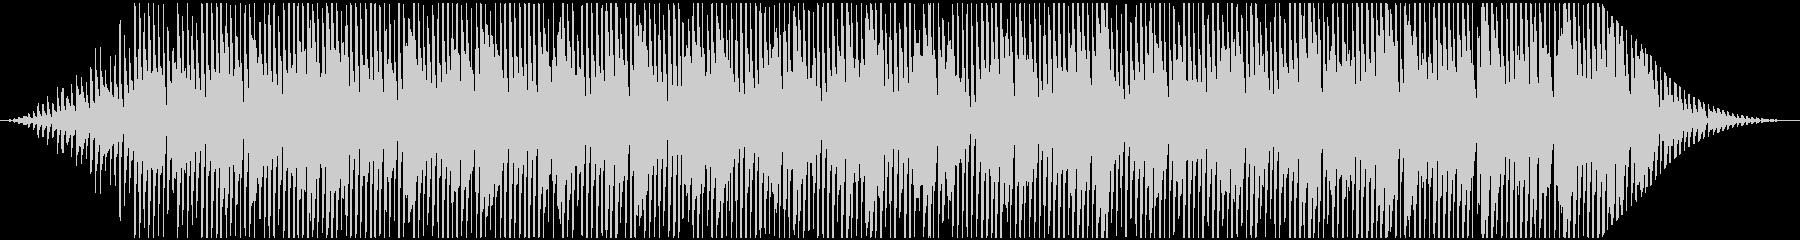 アナログシンセの粘りを使ったフレーズの未再生の波形